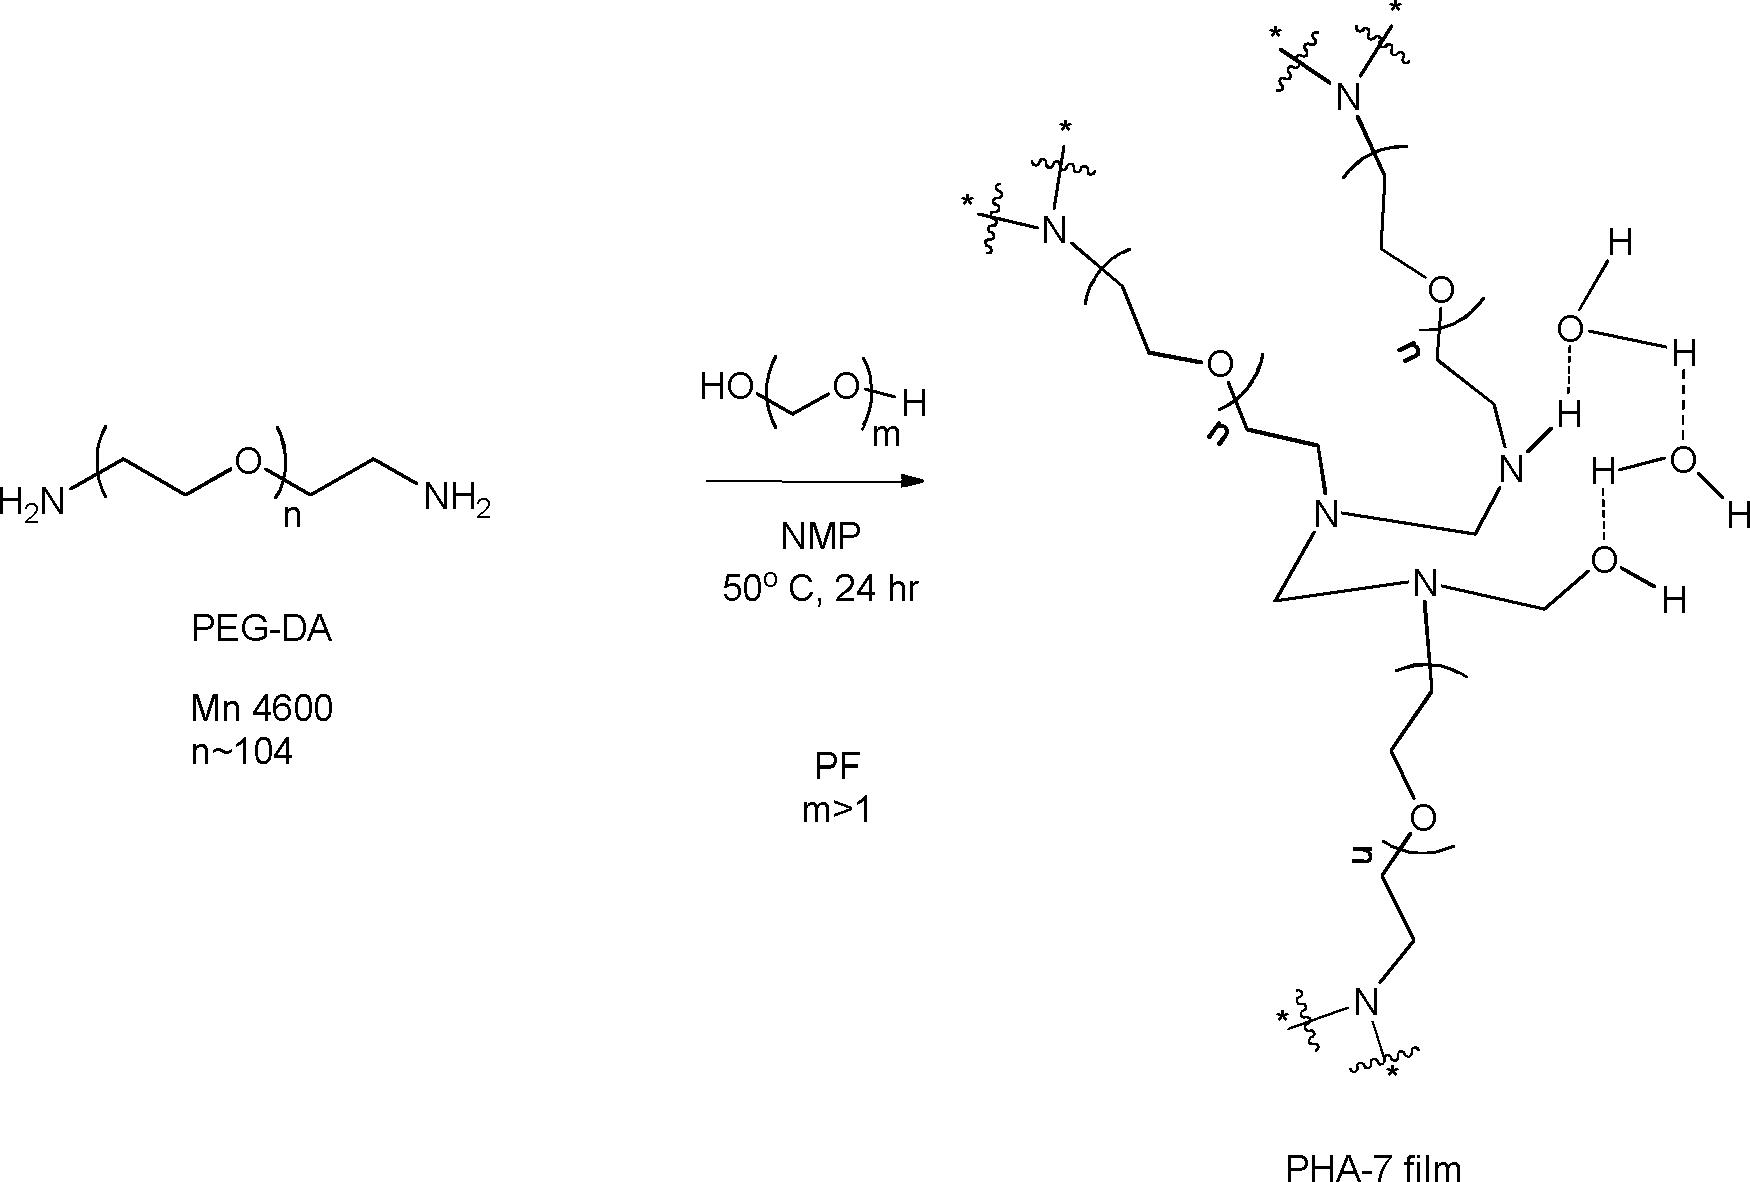 Figure DE112014004152T5_0032